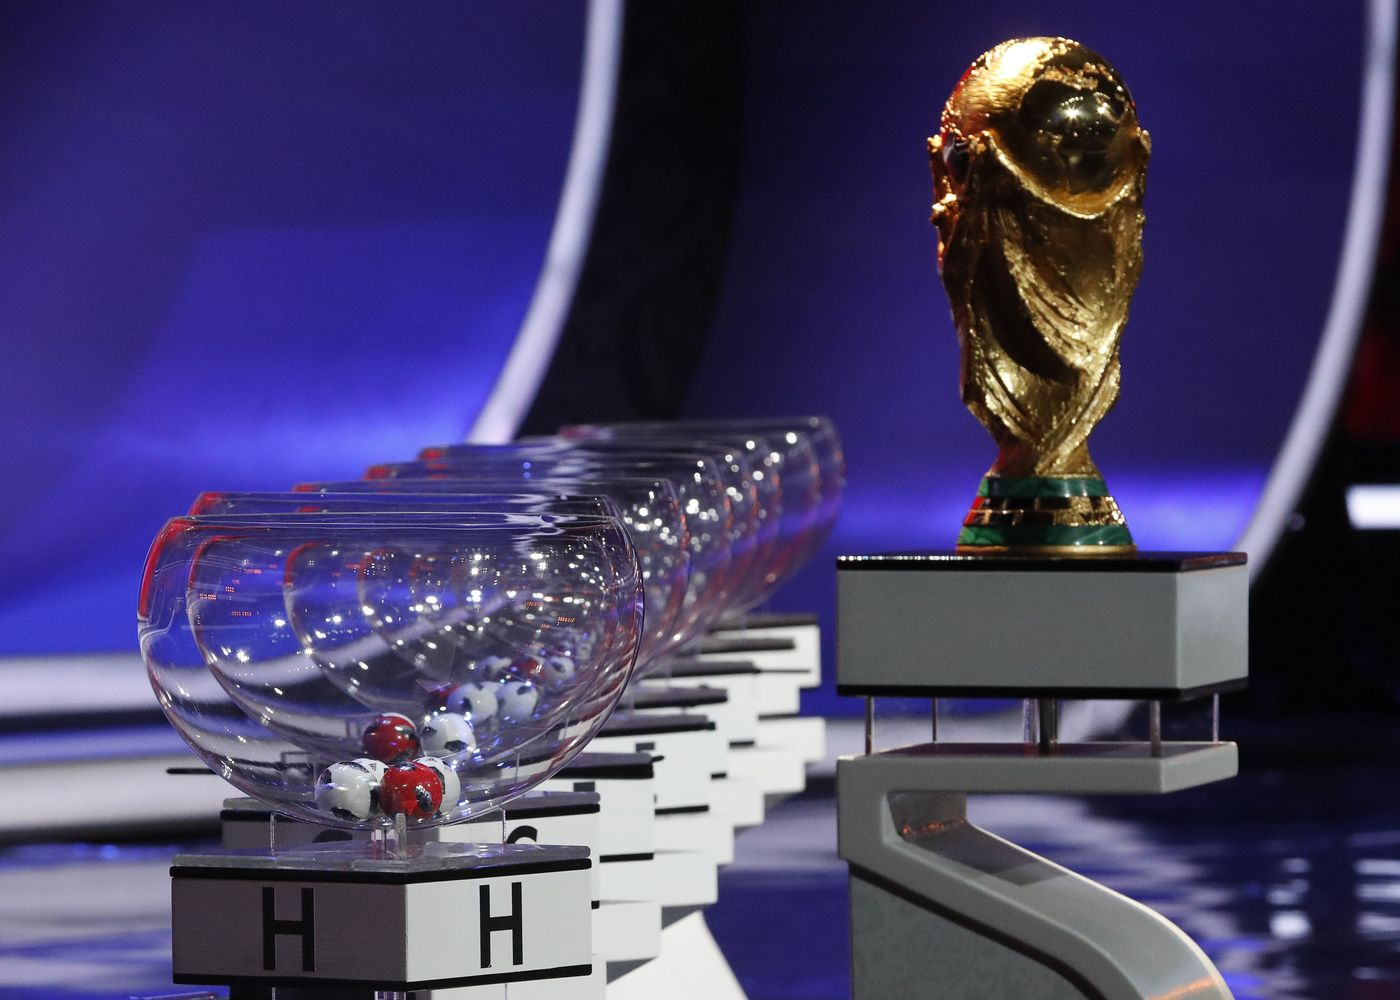 Ištraukti 2018-ųjų pasaulio futbolo čempionato burtai